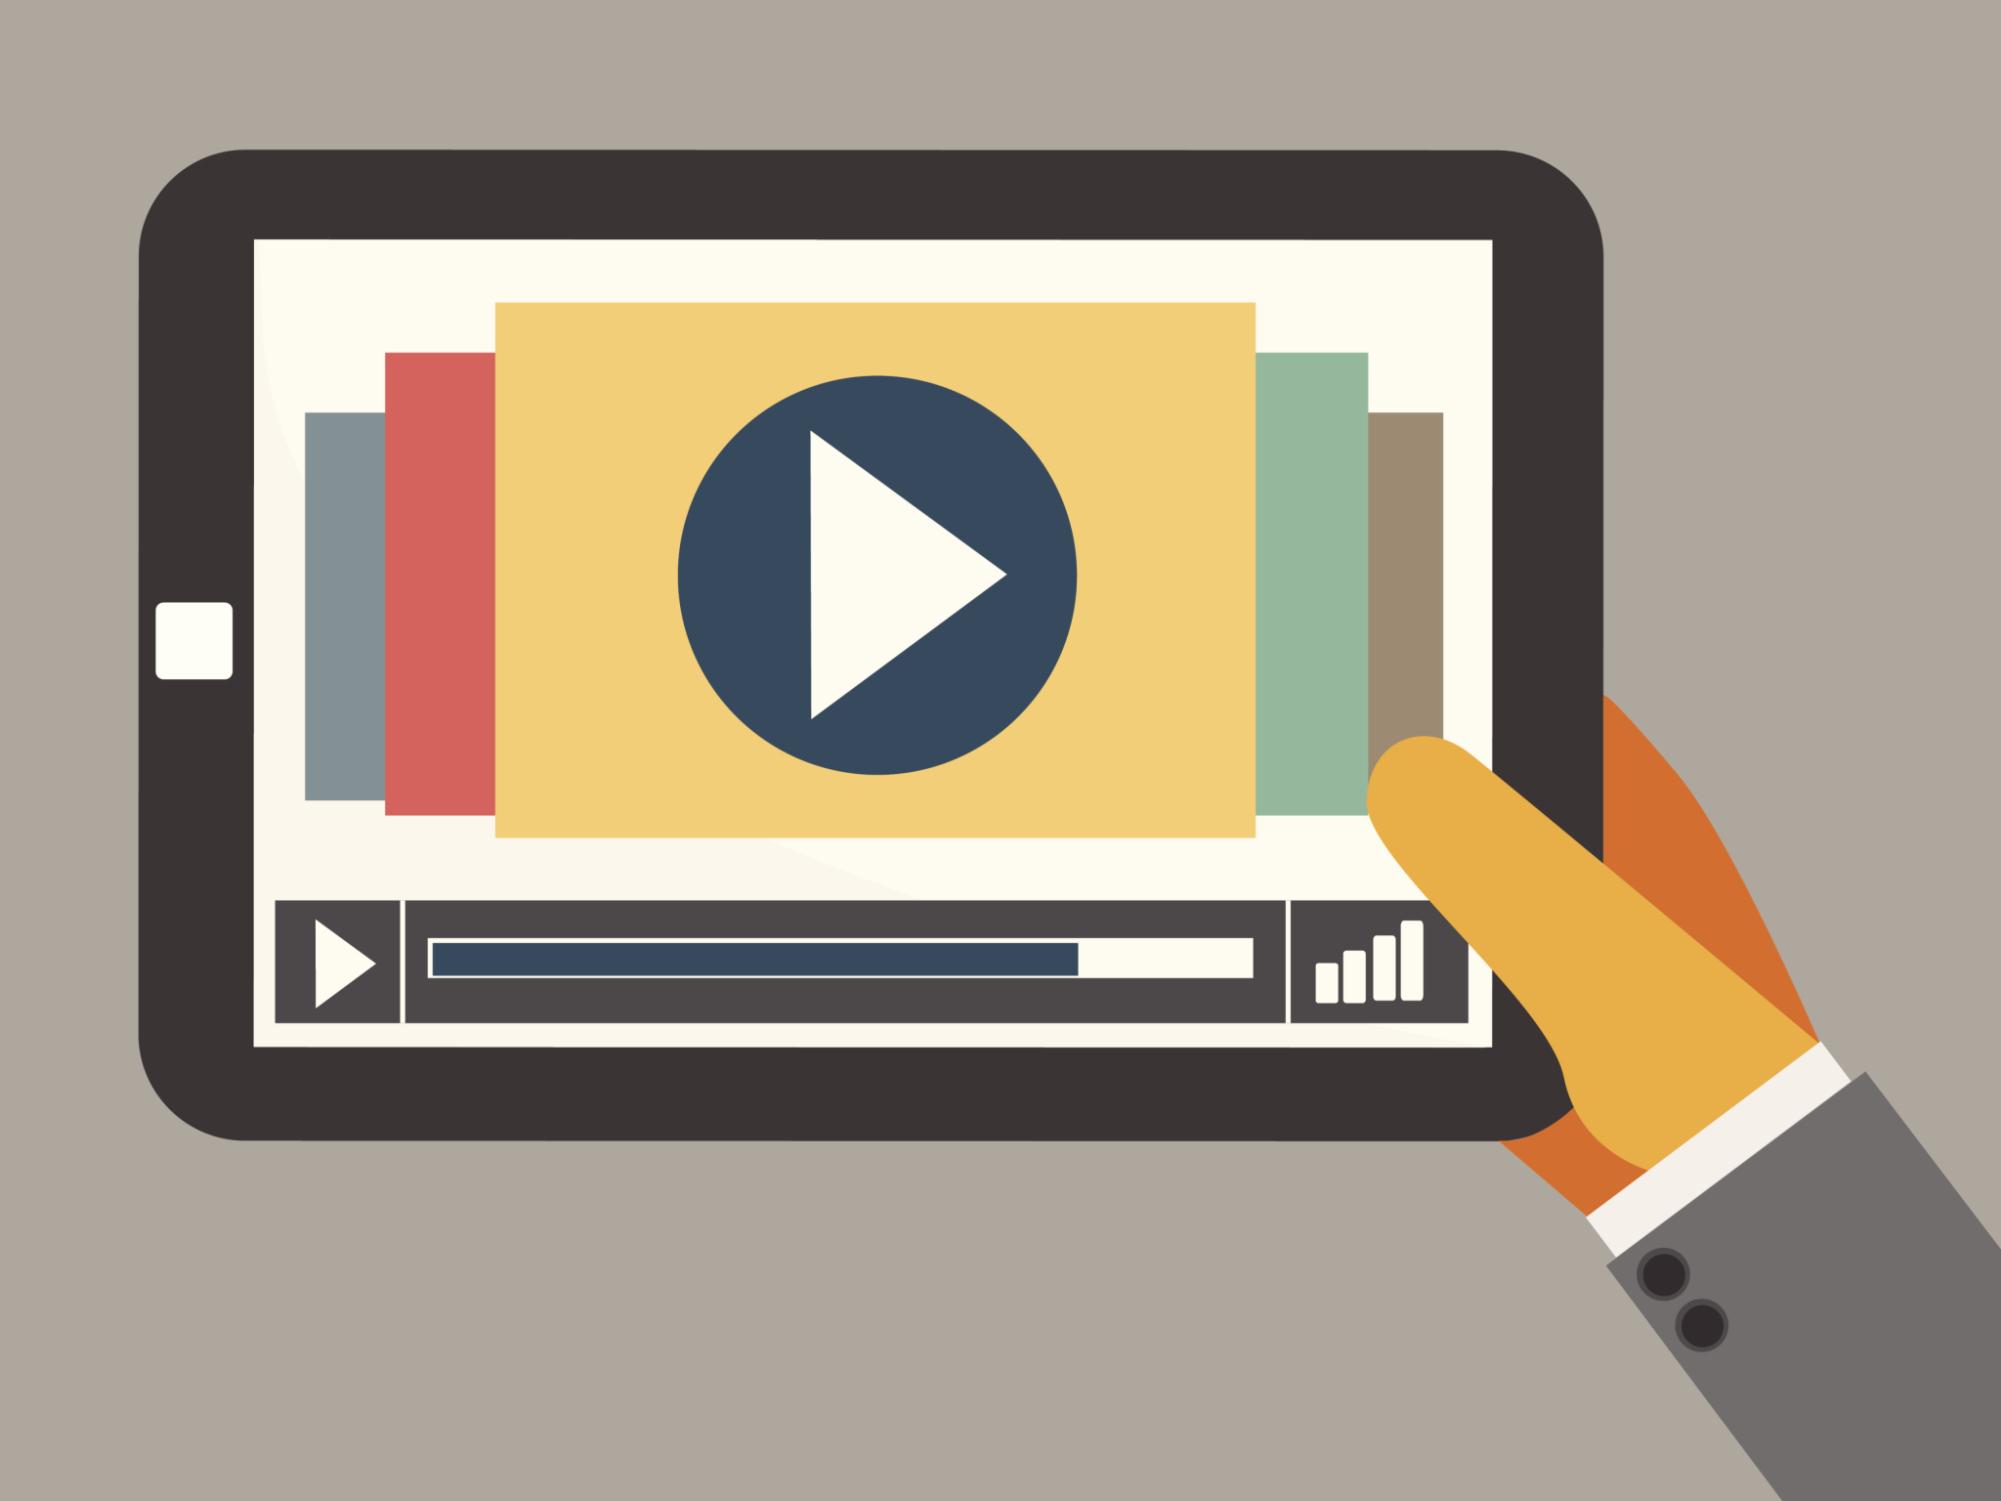 «Доступный интернет» предложили расширить видеоконтентом соцсетей и каналов